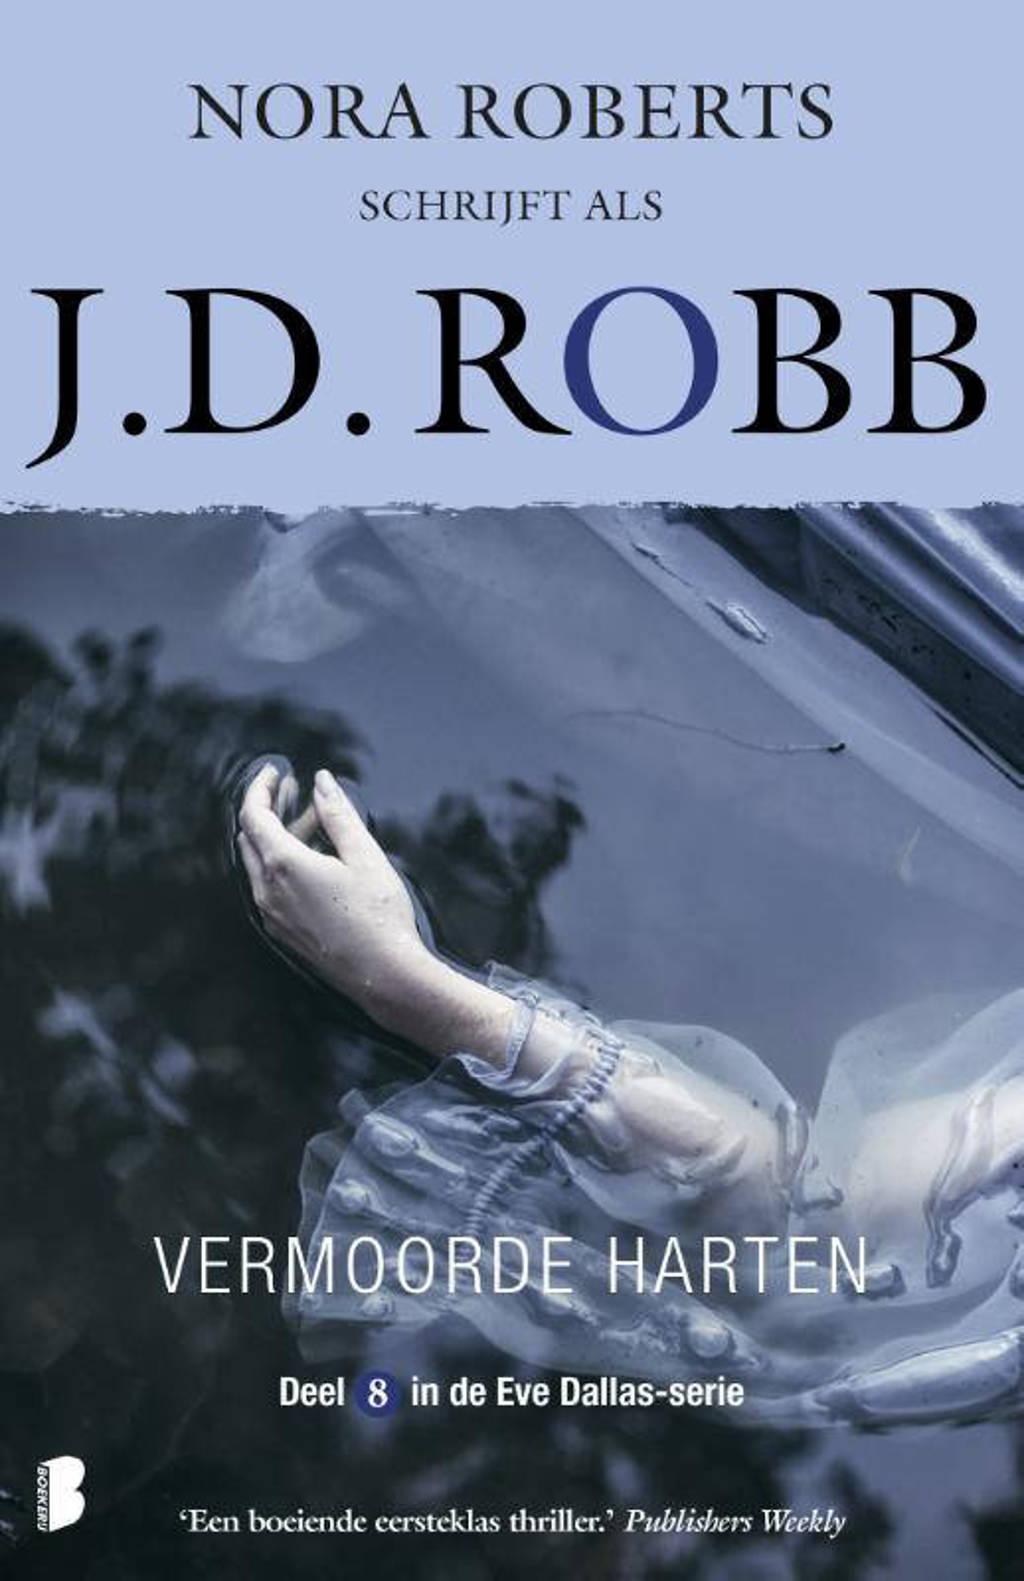 Eve Dallas: Vermoorde harten - J.D. Robb